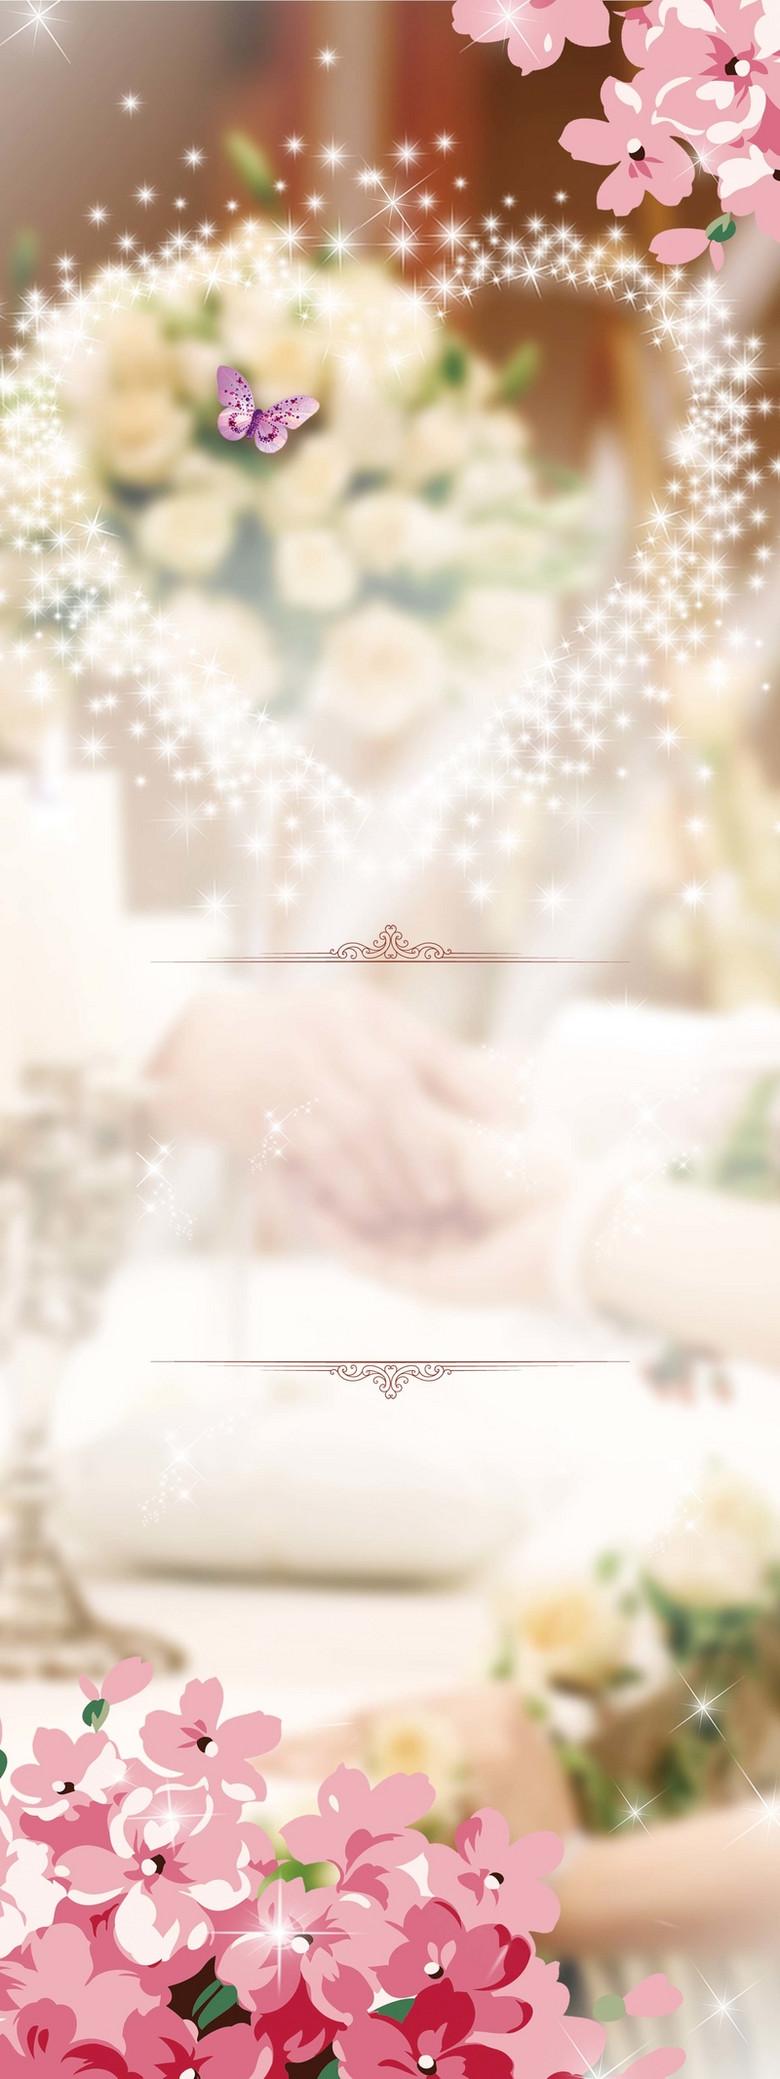 婚庆主题x展架背景素材